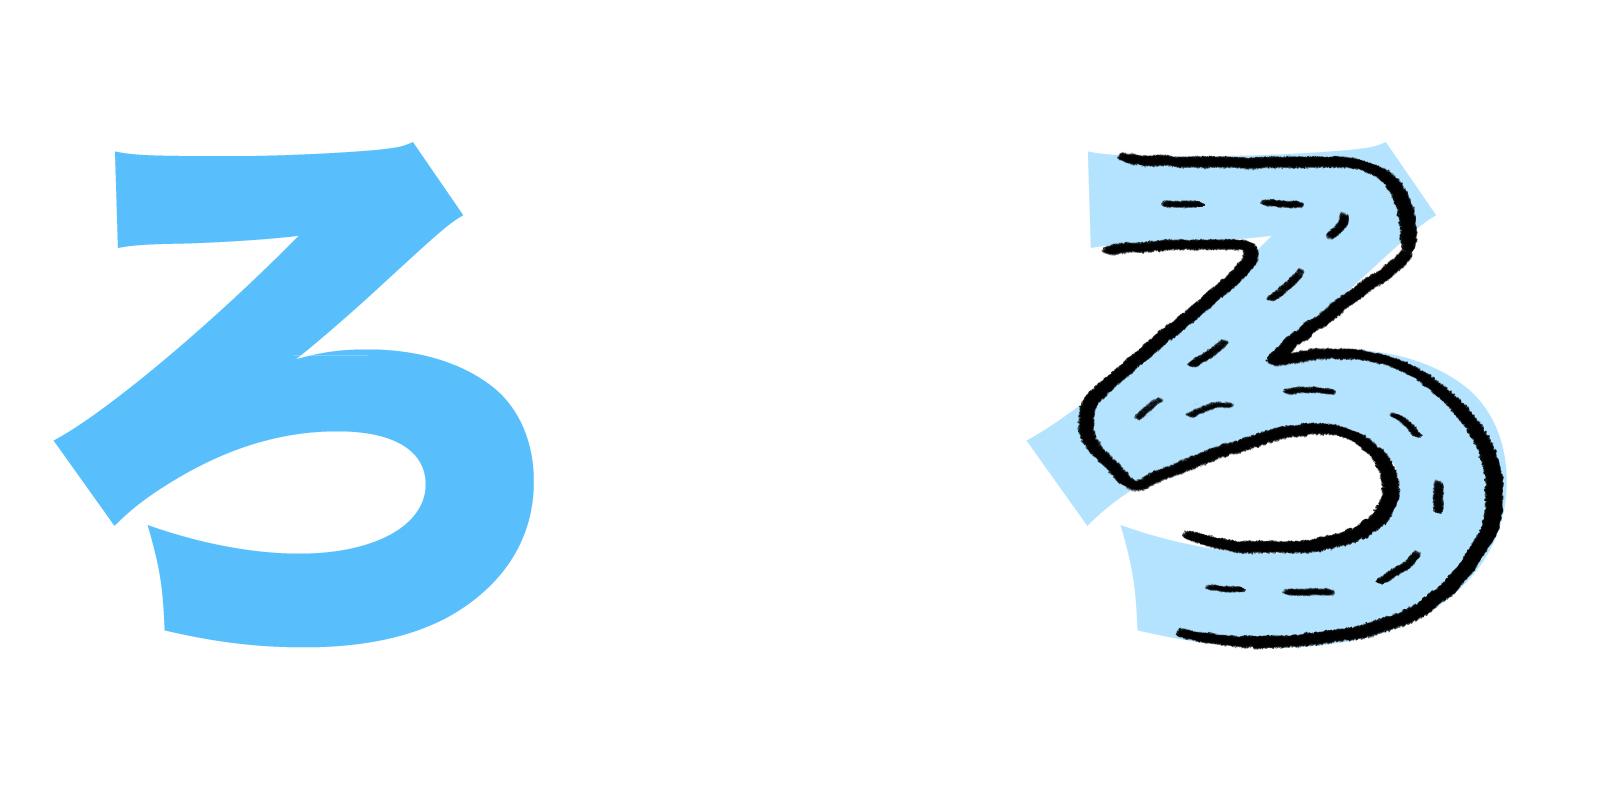 ろ hiragana mnemonic